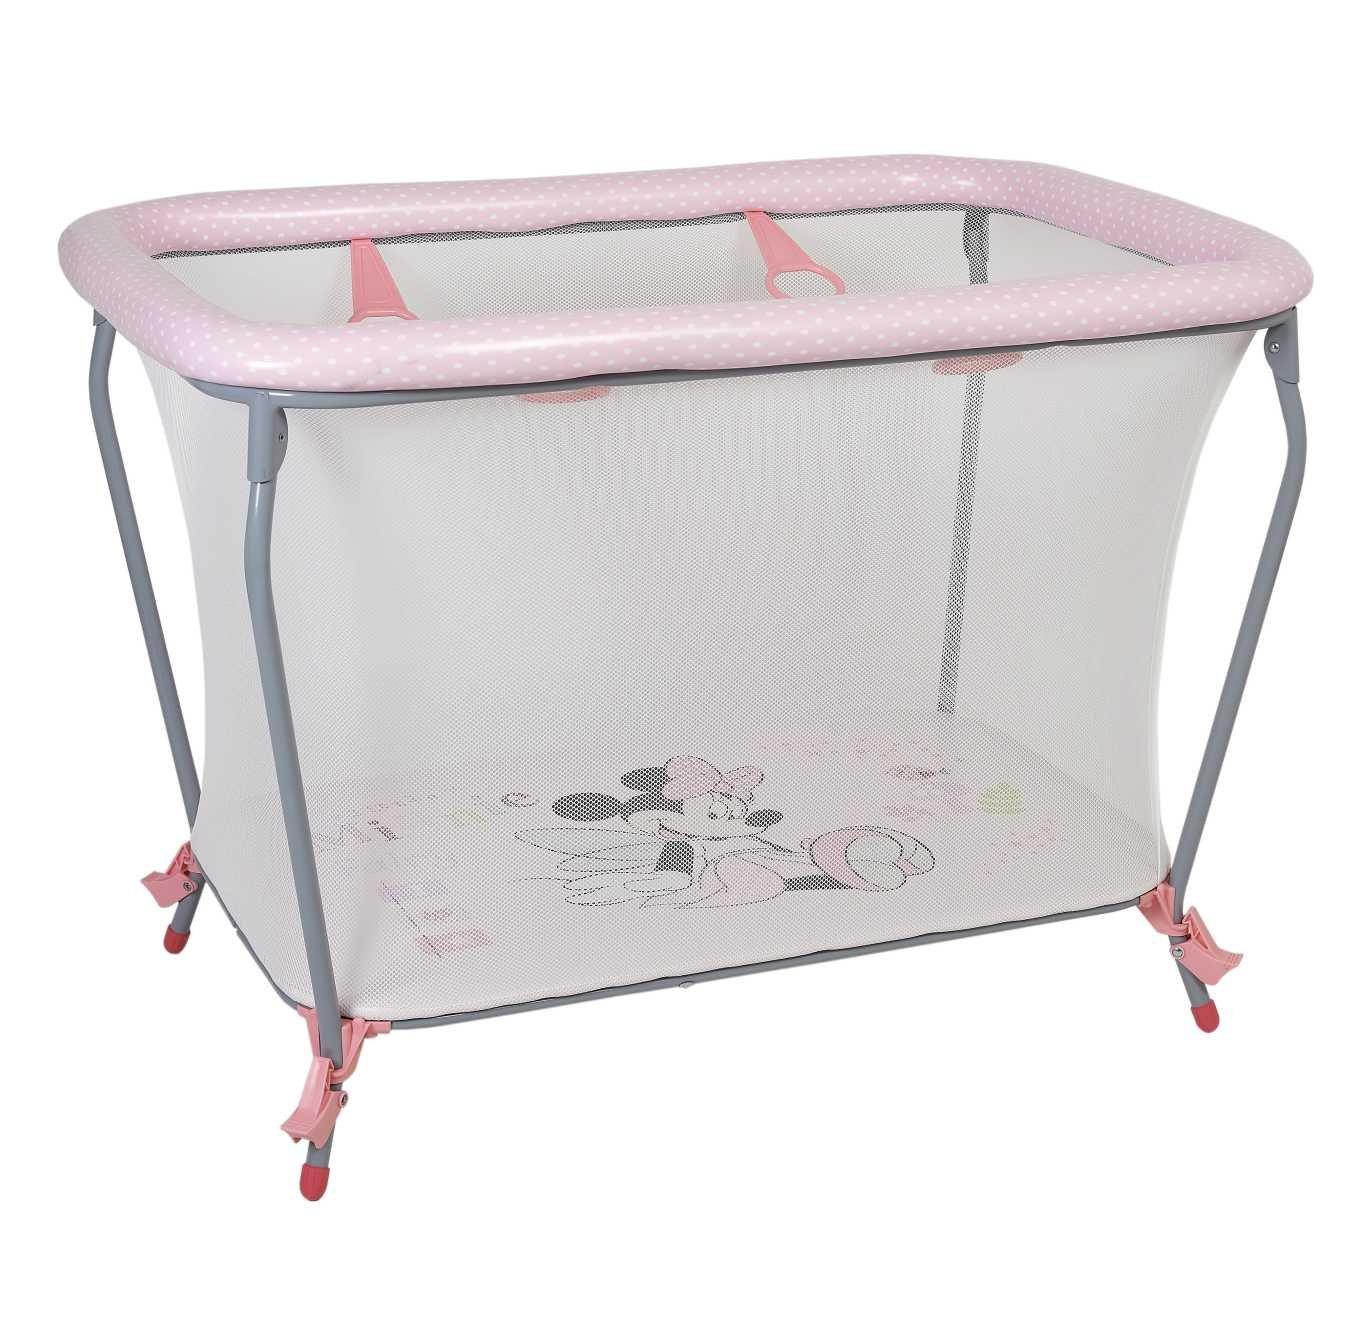 Купить POLINI Манеж Polini kids Disney baby Classic Минни Маус , розовый, Манежи для малышей